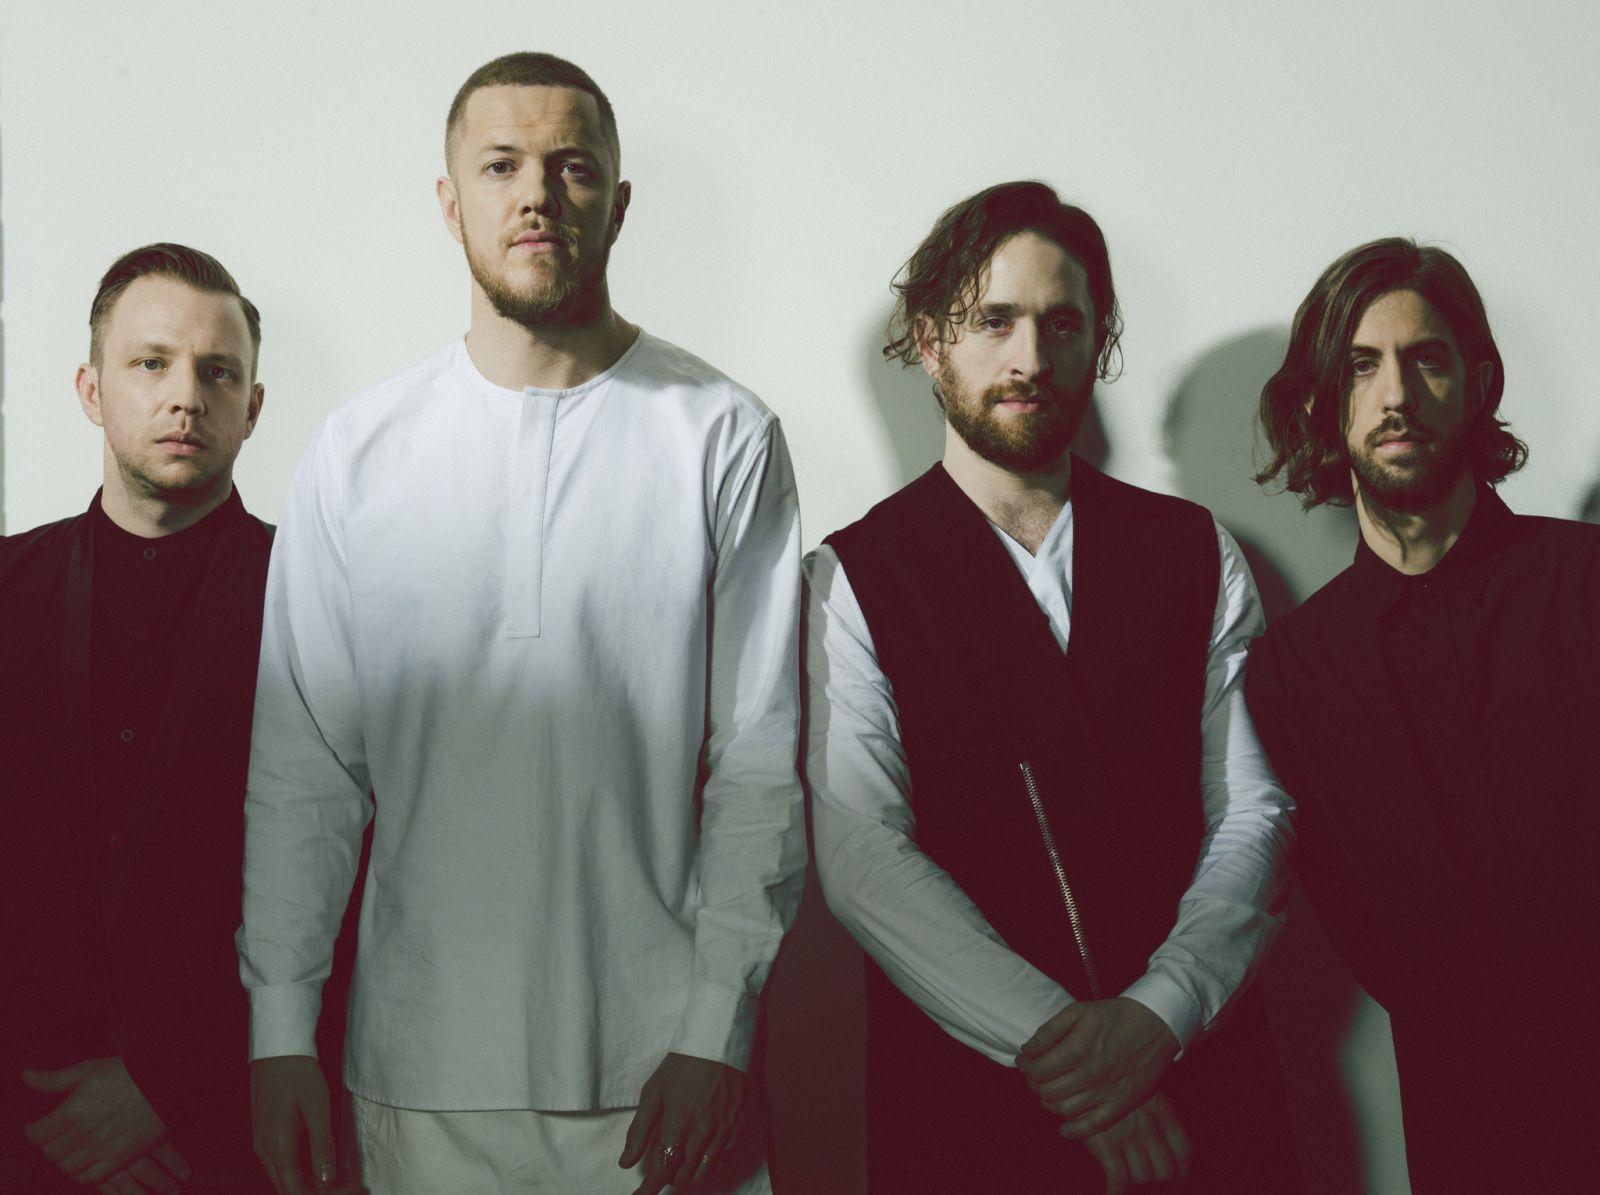 ВКиеве впервый раз выступит штатская рок-группа Imagine Dragons